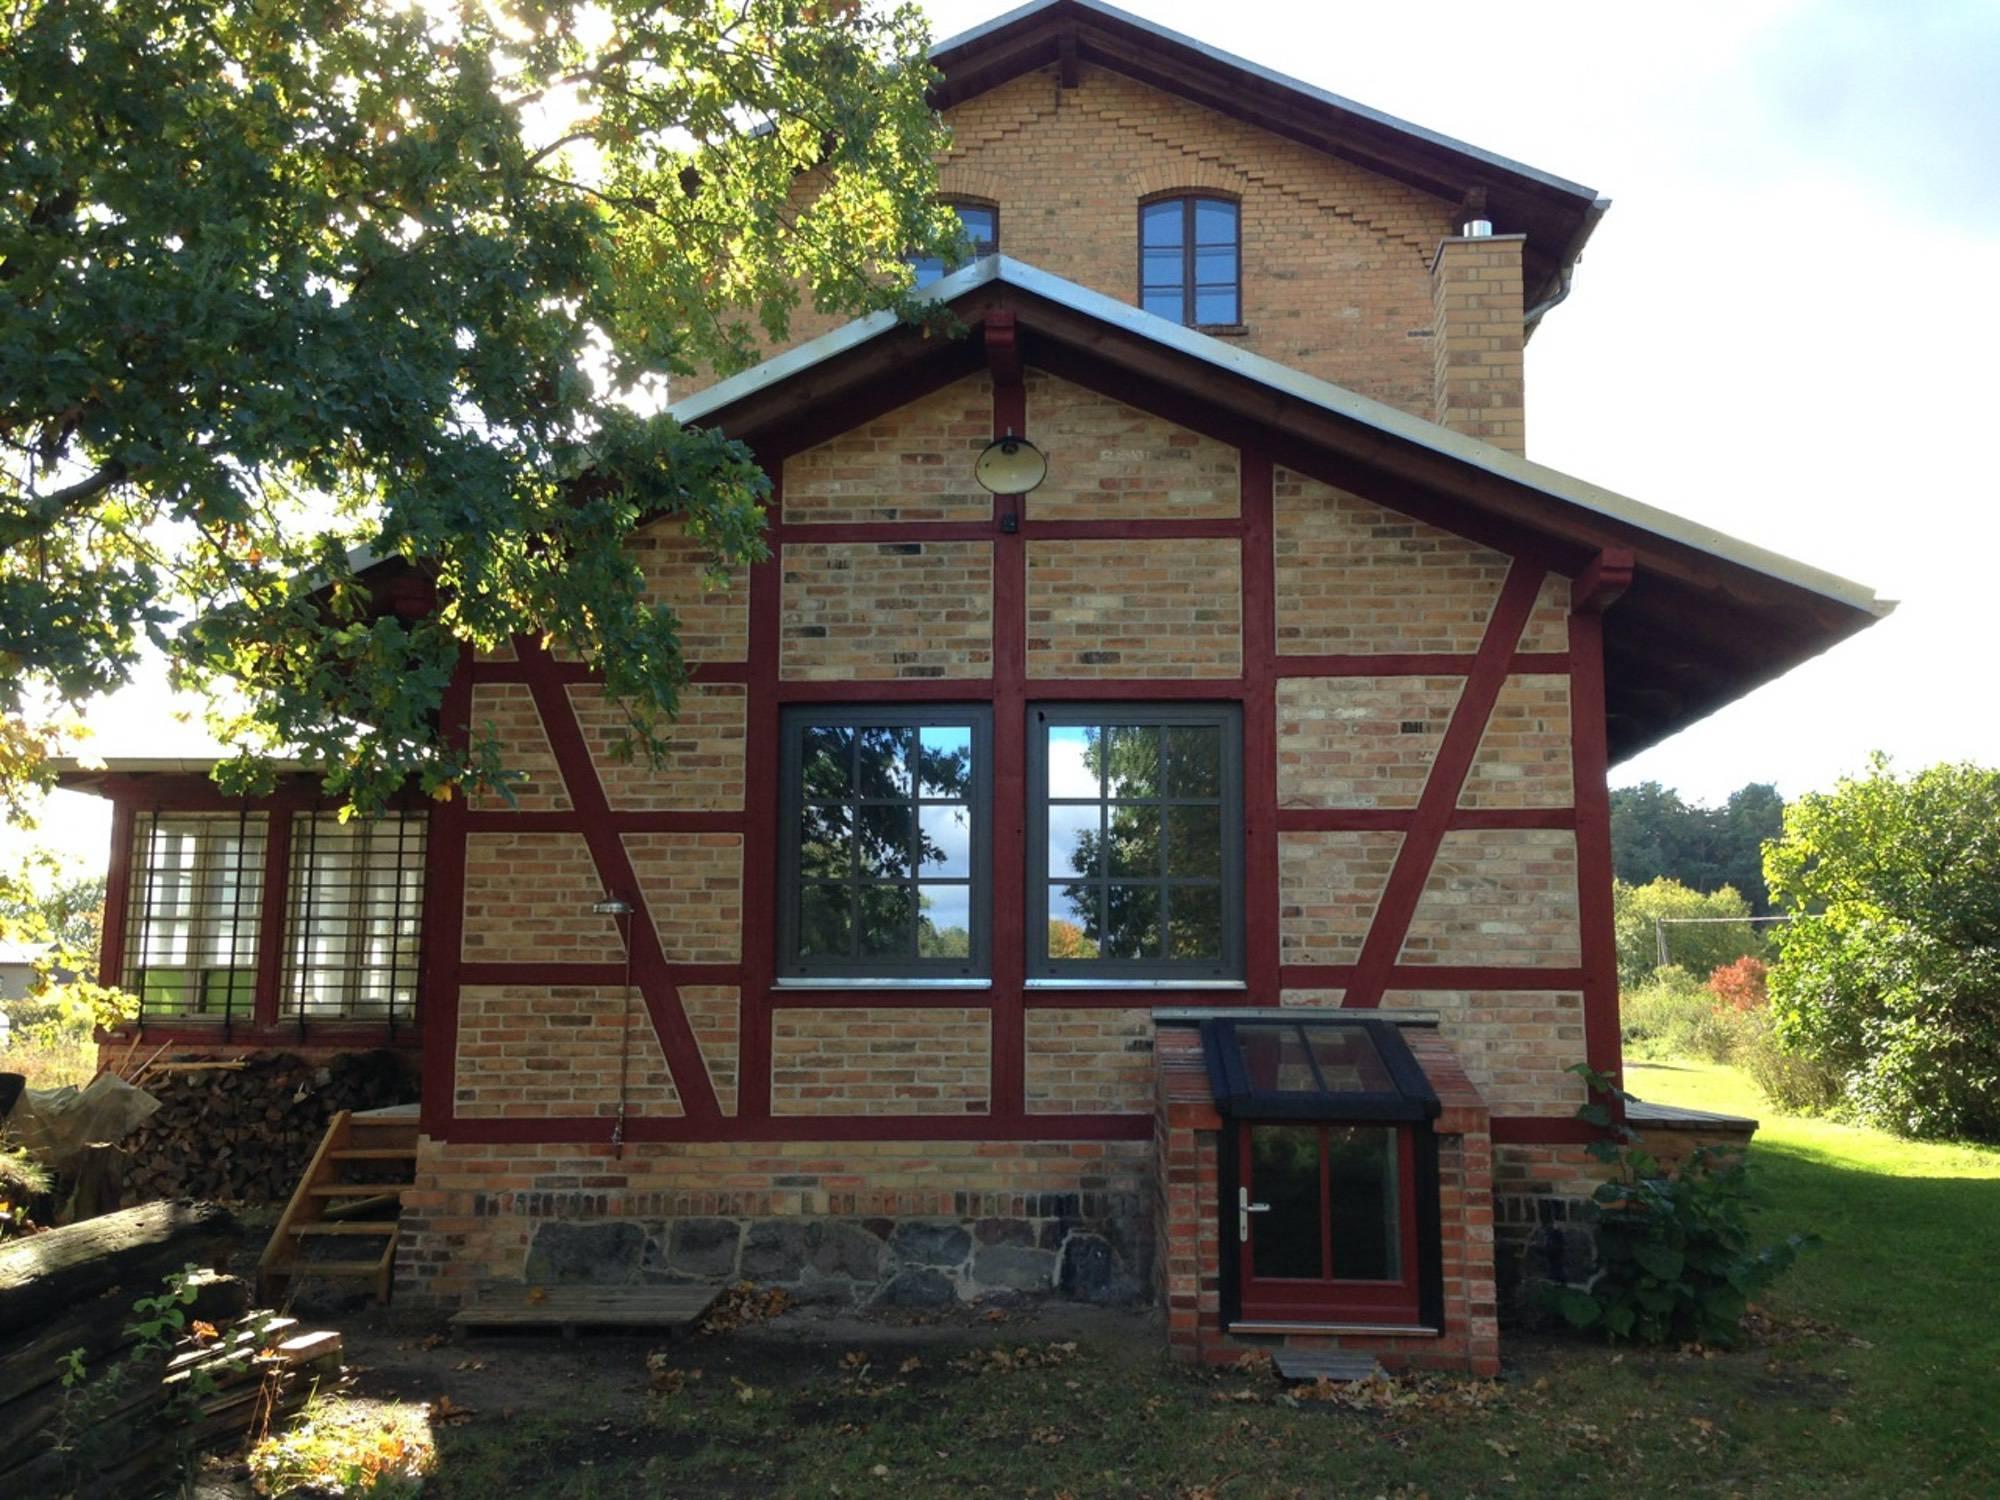 bio-ranch-landurlaub-vermittlung-ferienhaus-bahnhof-buschhof-04